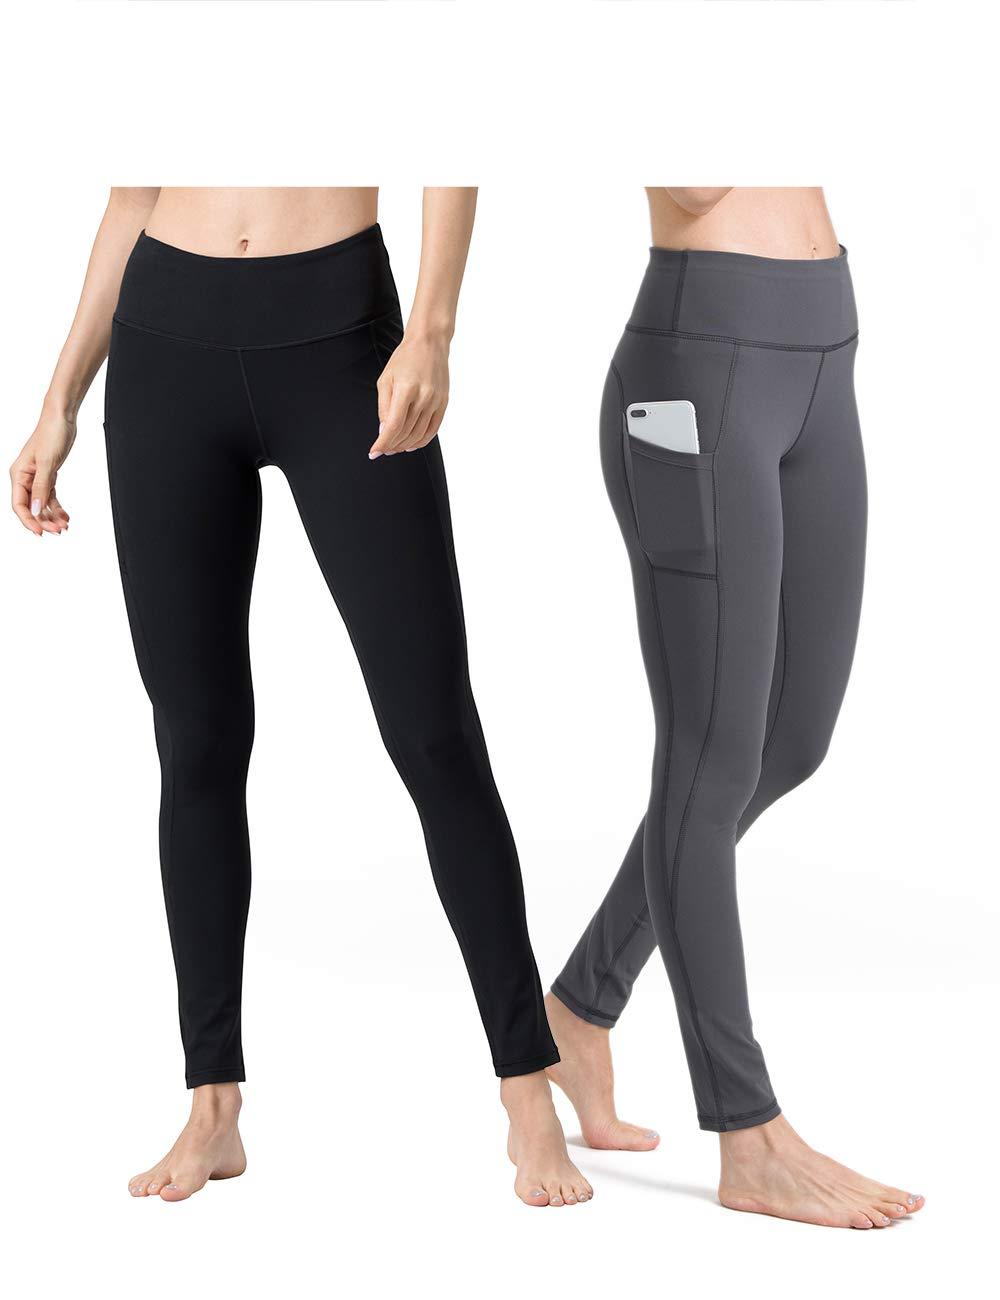 4e4c342e618d58 ALONG FIT Yoga Pants for Women mesh Leggings with Side Pockets High Waisted  Leggings